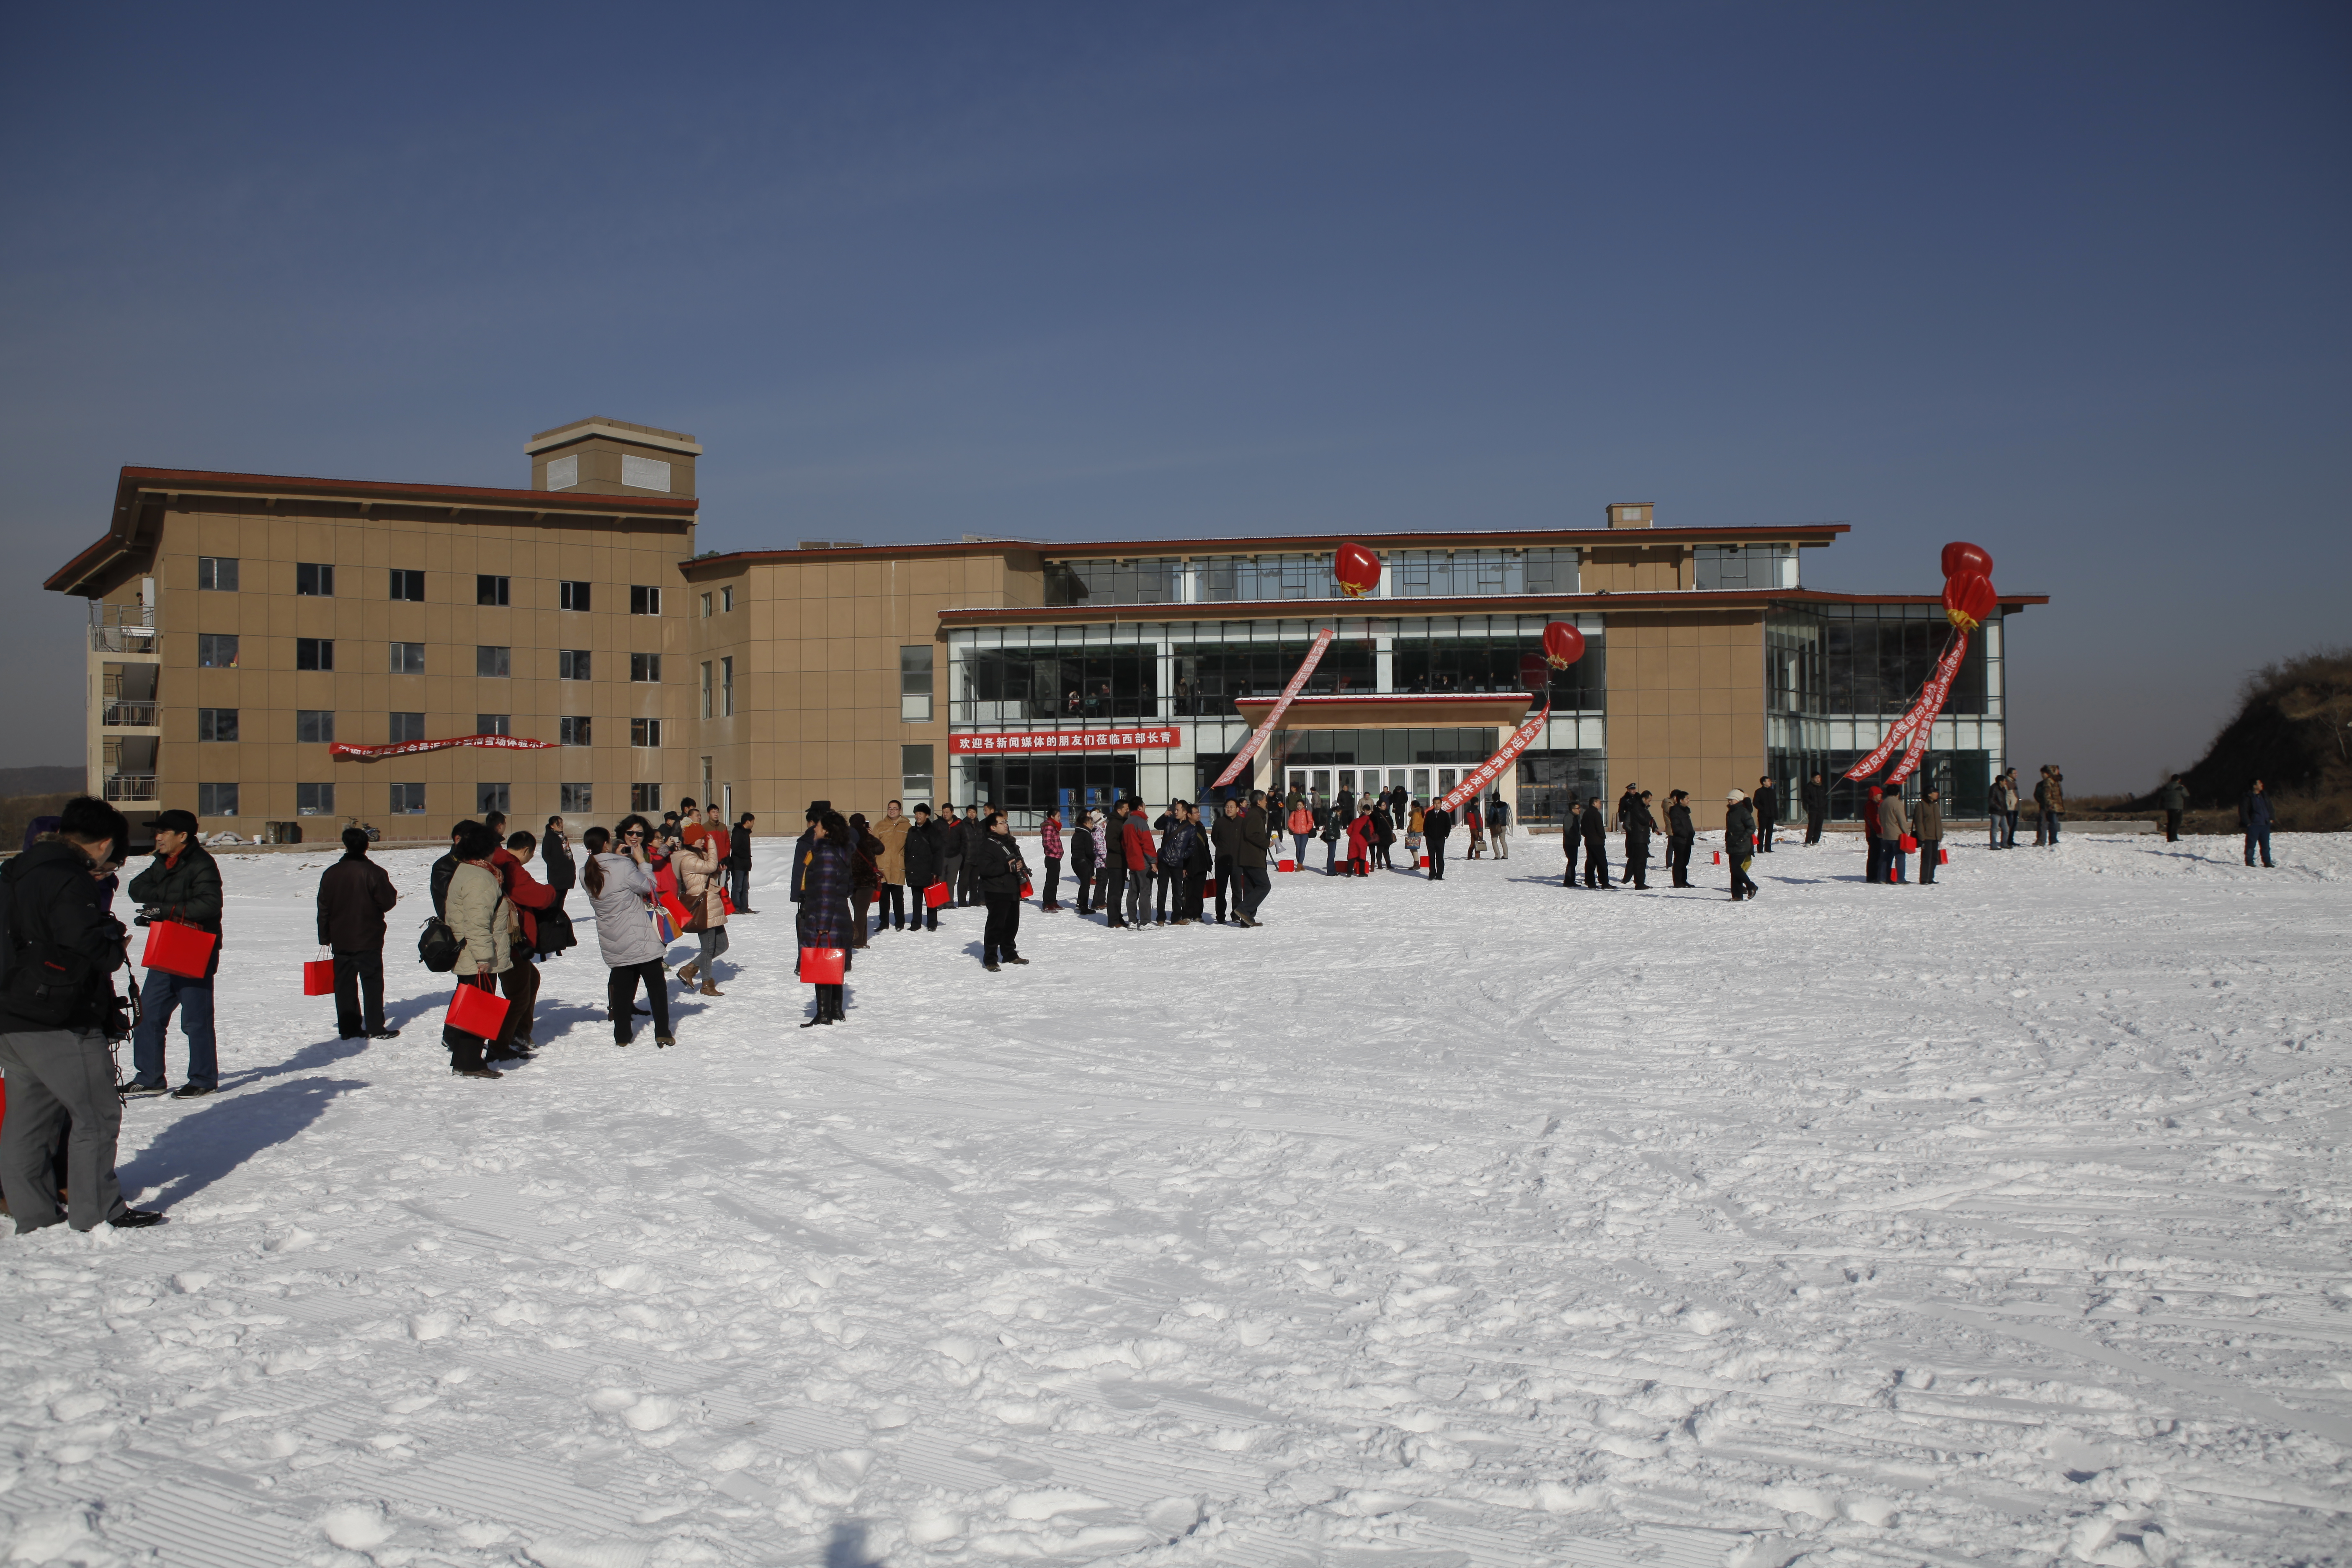 西部长青滑雪场冰雪小镇西部长青滑雪场冰雪小镇